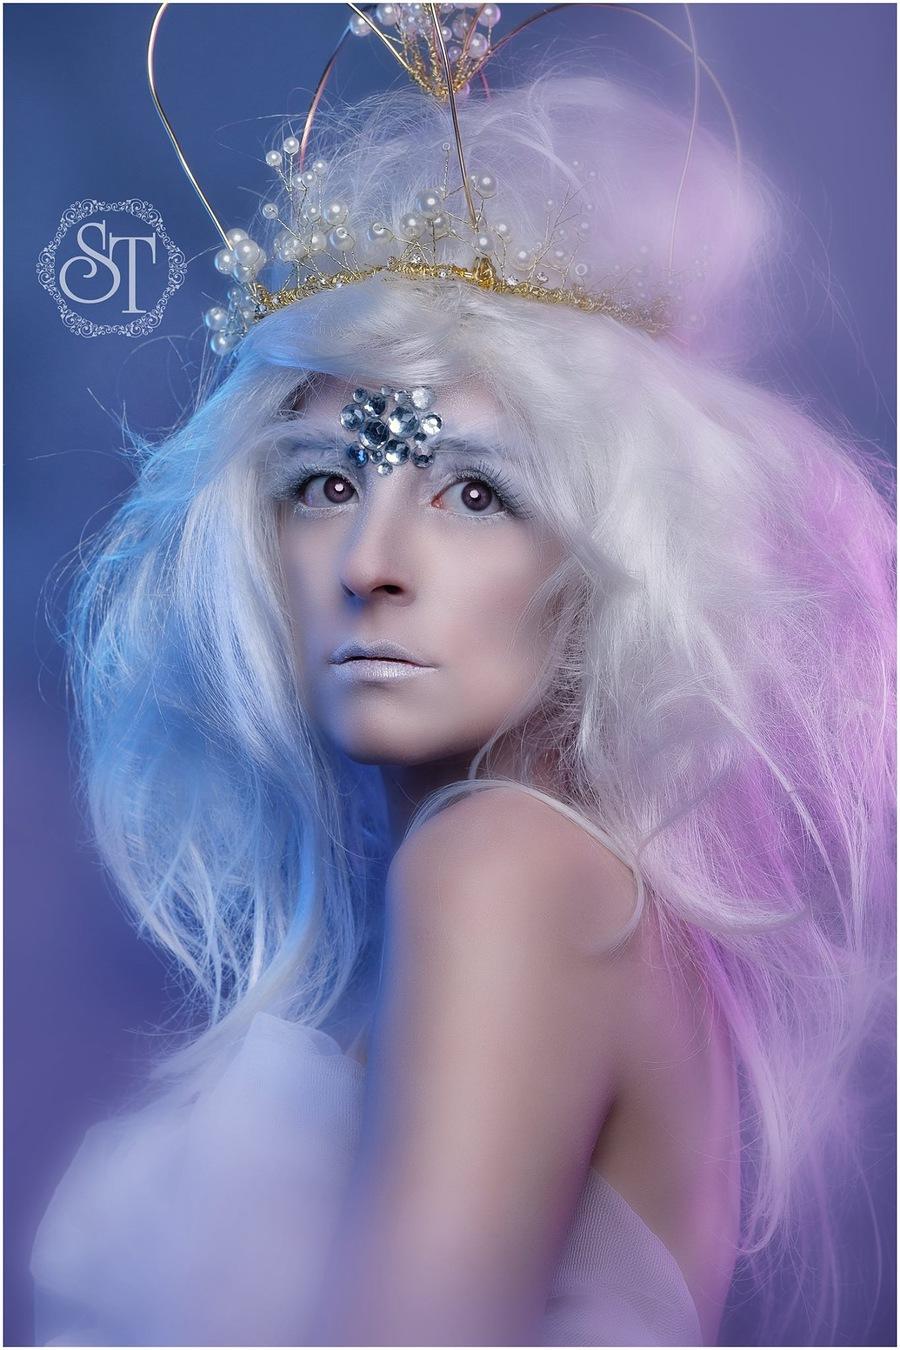 Ice queen! / Model KatieModel / Uploaded 19th October 2016 @ 03:48 PM